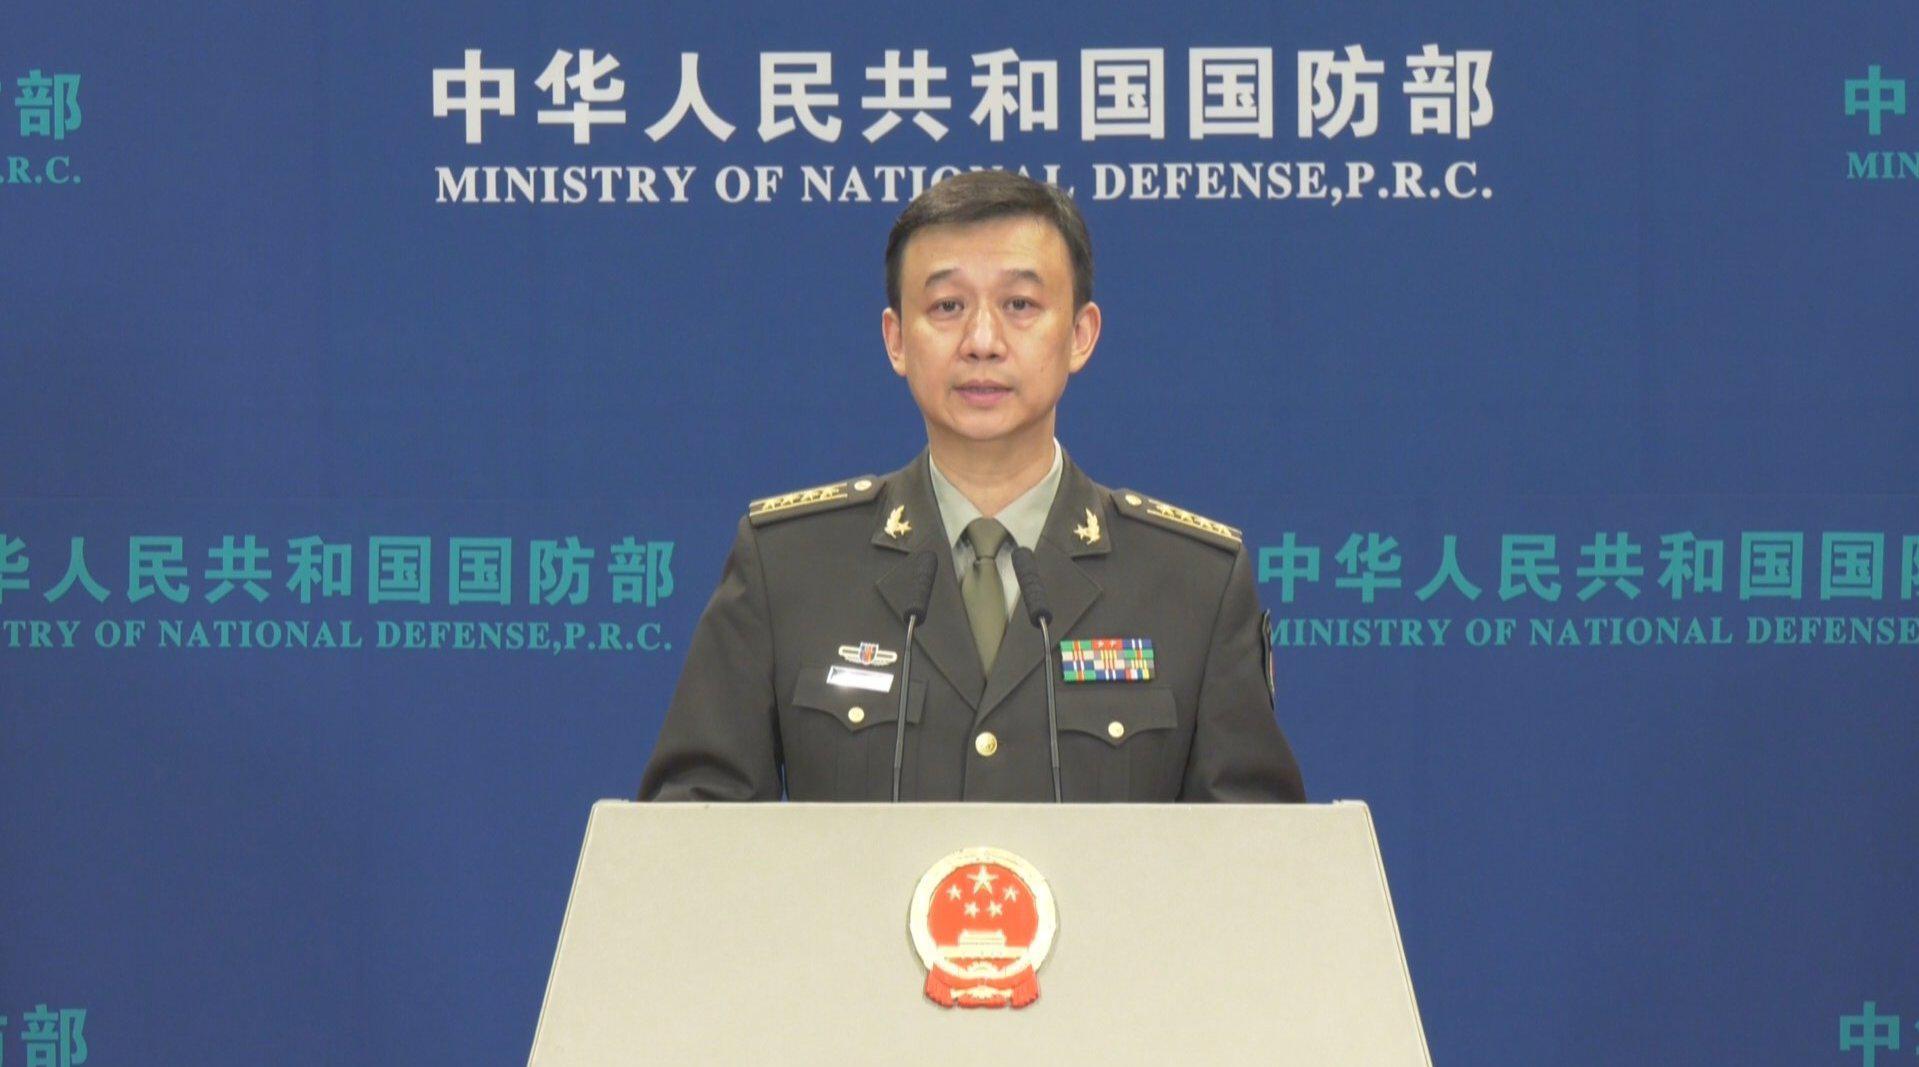 美国防长鼓吹美盟体系强大 国防部回应